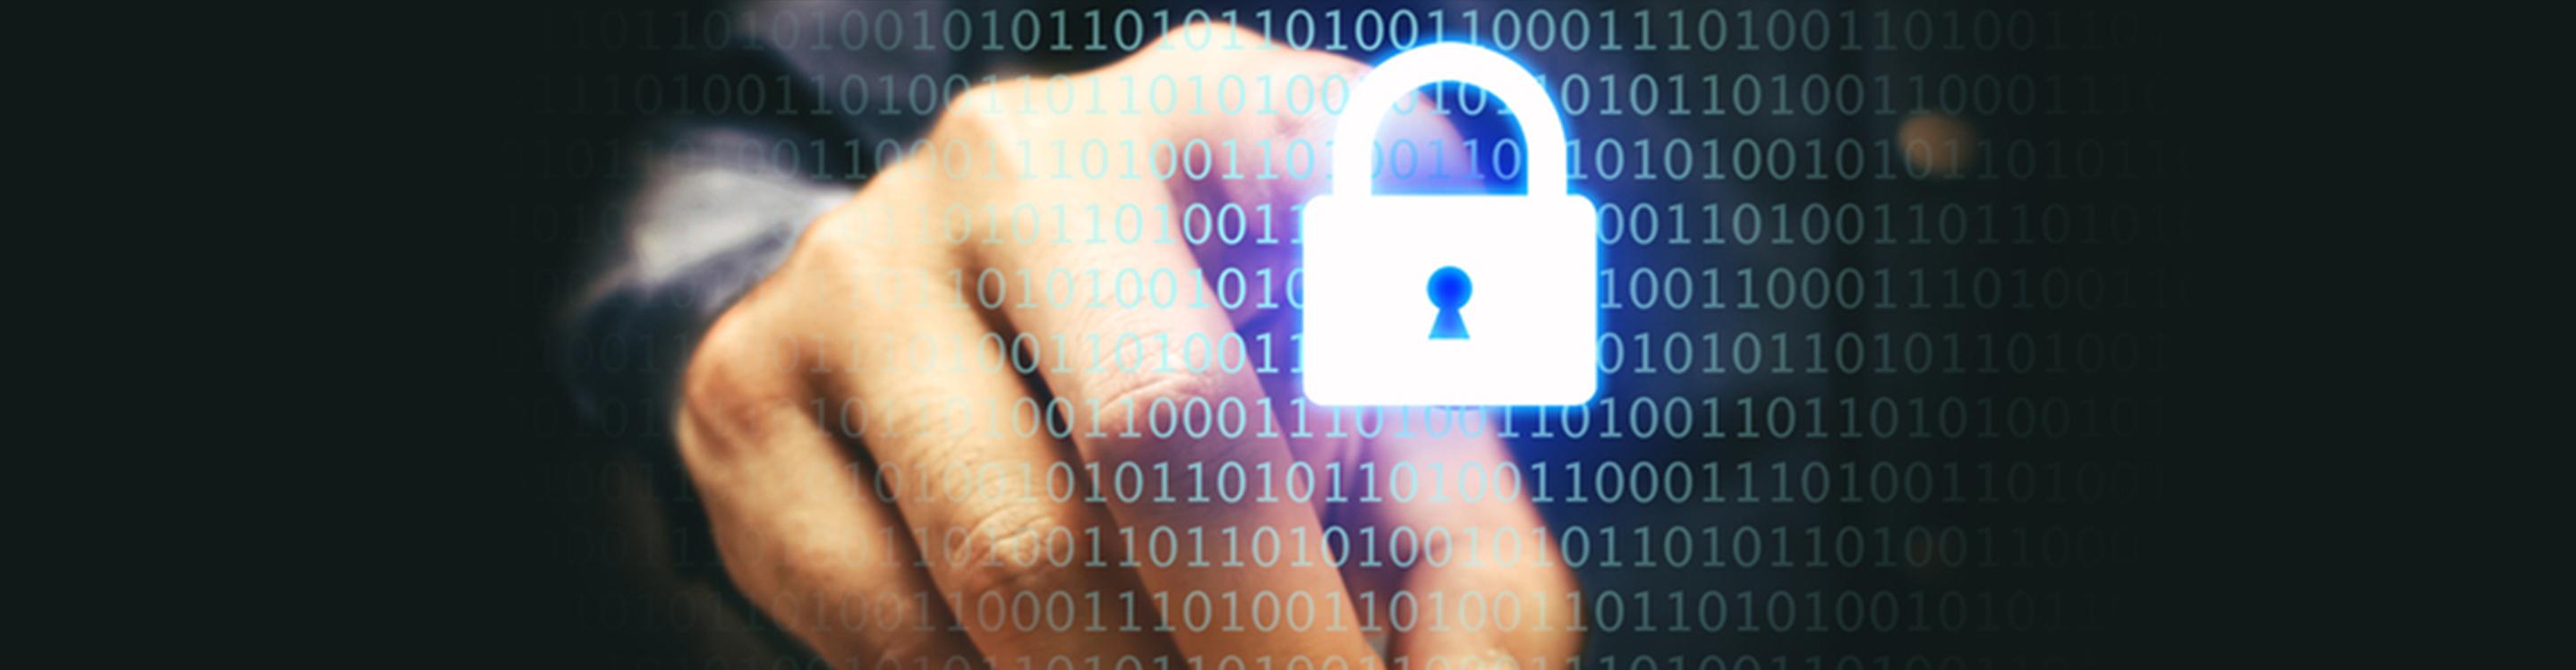 https://ucs.net/sites/united-cs/files/revslider/image/Privacy%20Header.jpg